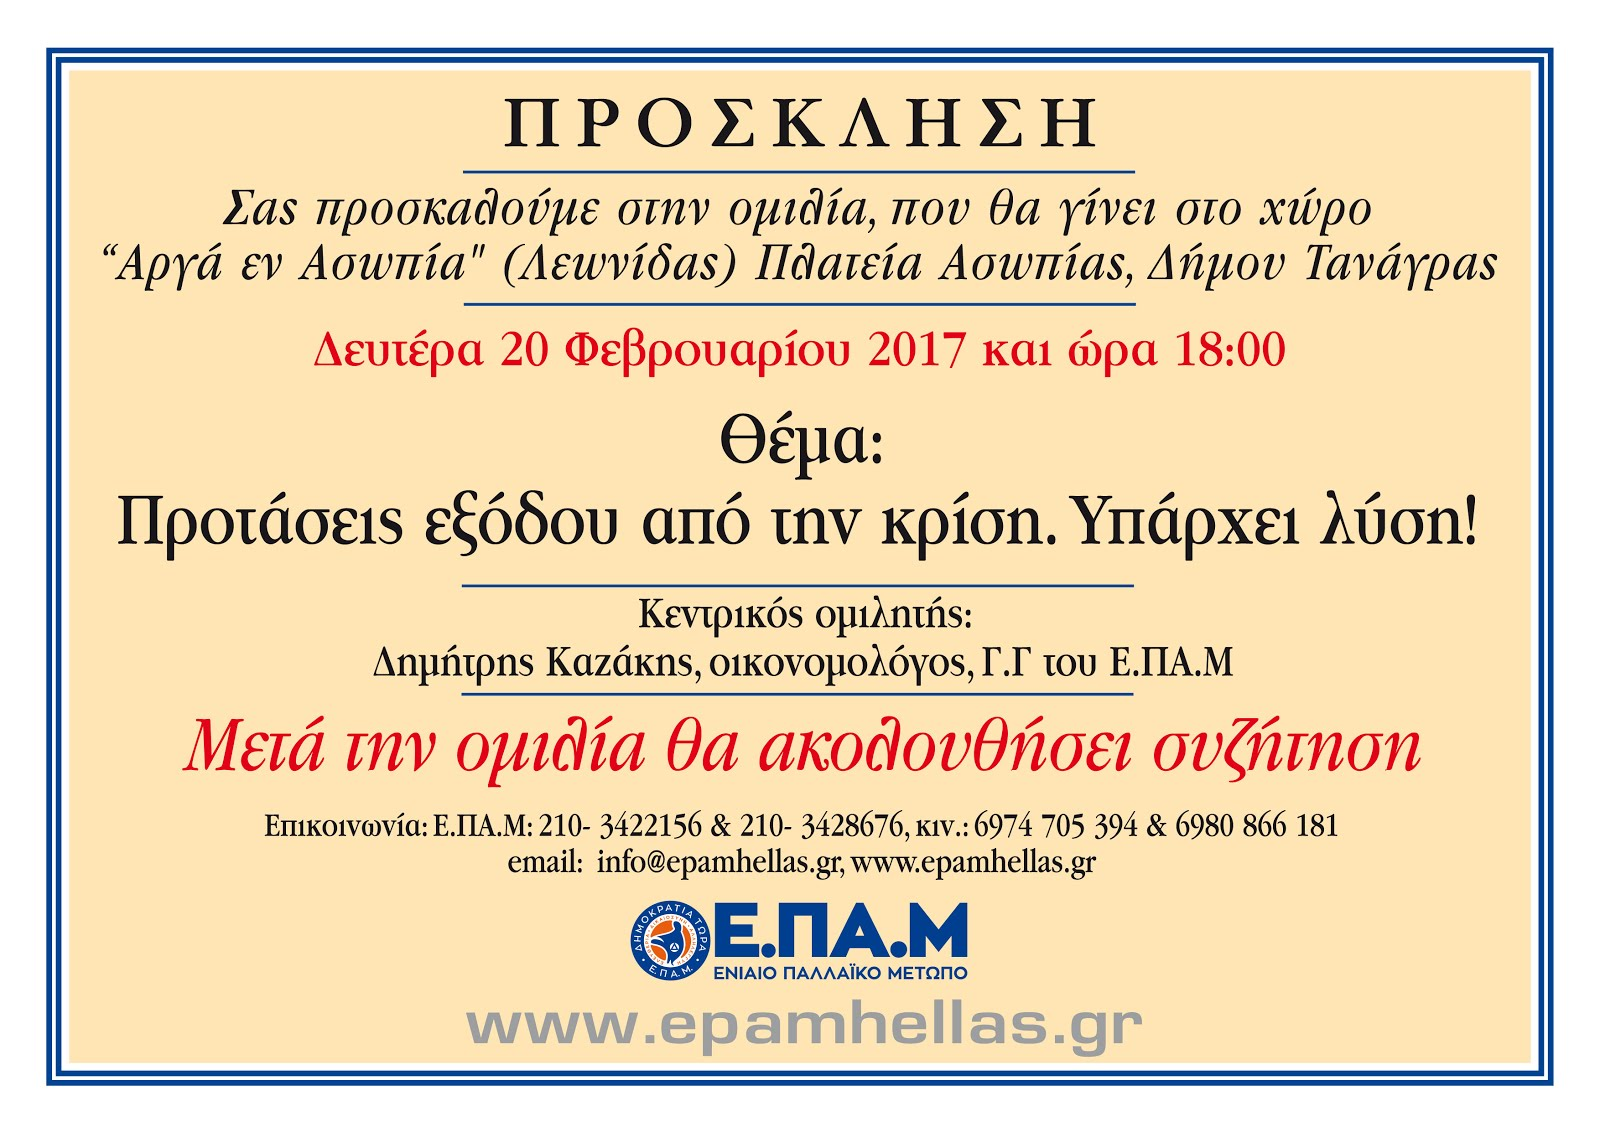 Ομιλία στην Ασωπία, Δήμου Τανάγρας - 20 Φεβρουαρίου 2017